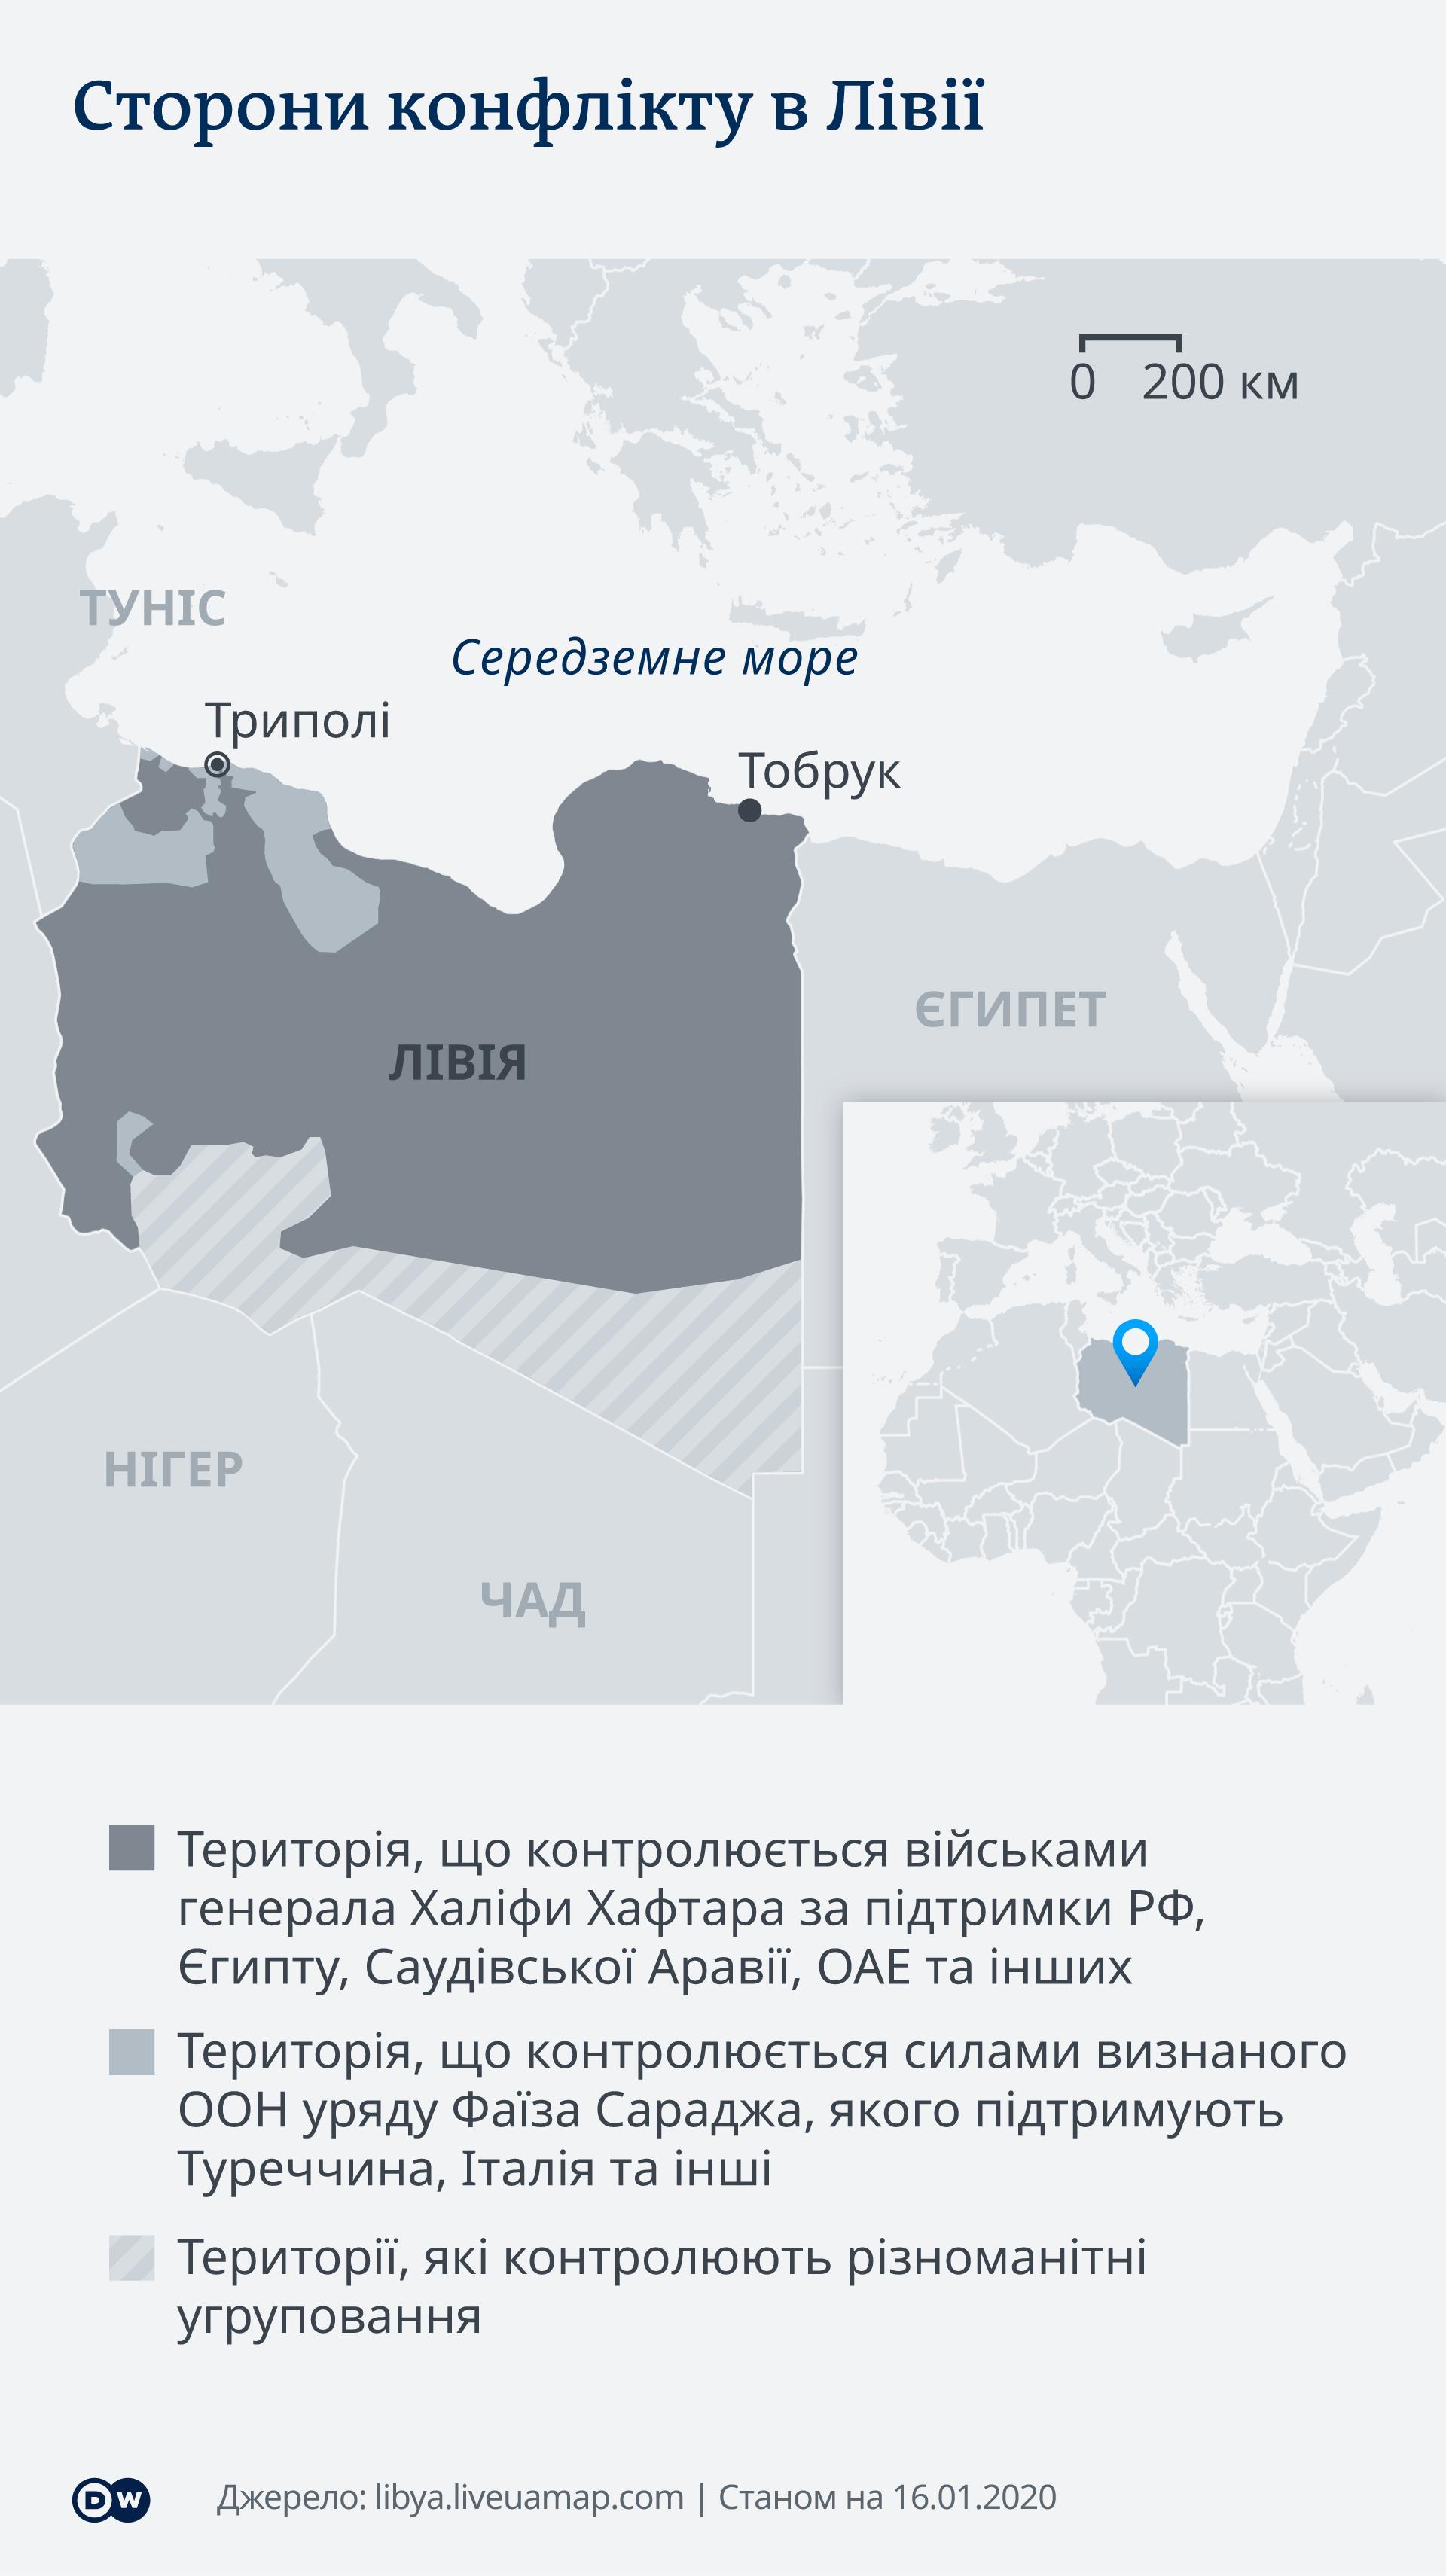 Сторони конфлікту в Лівії